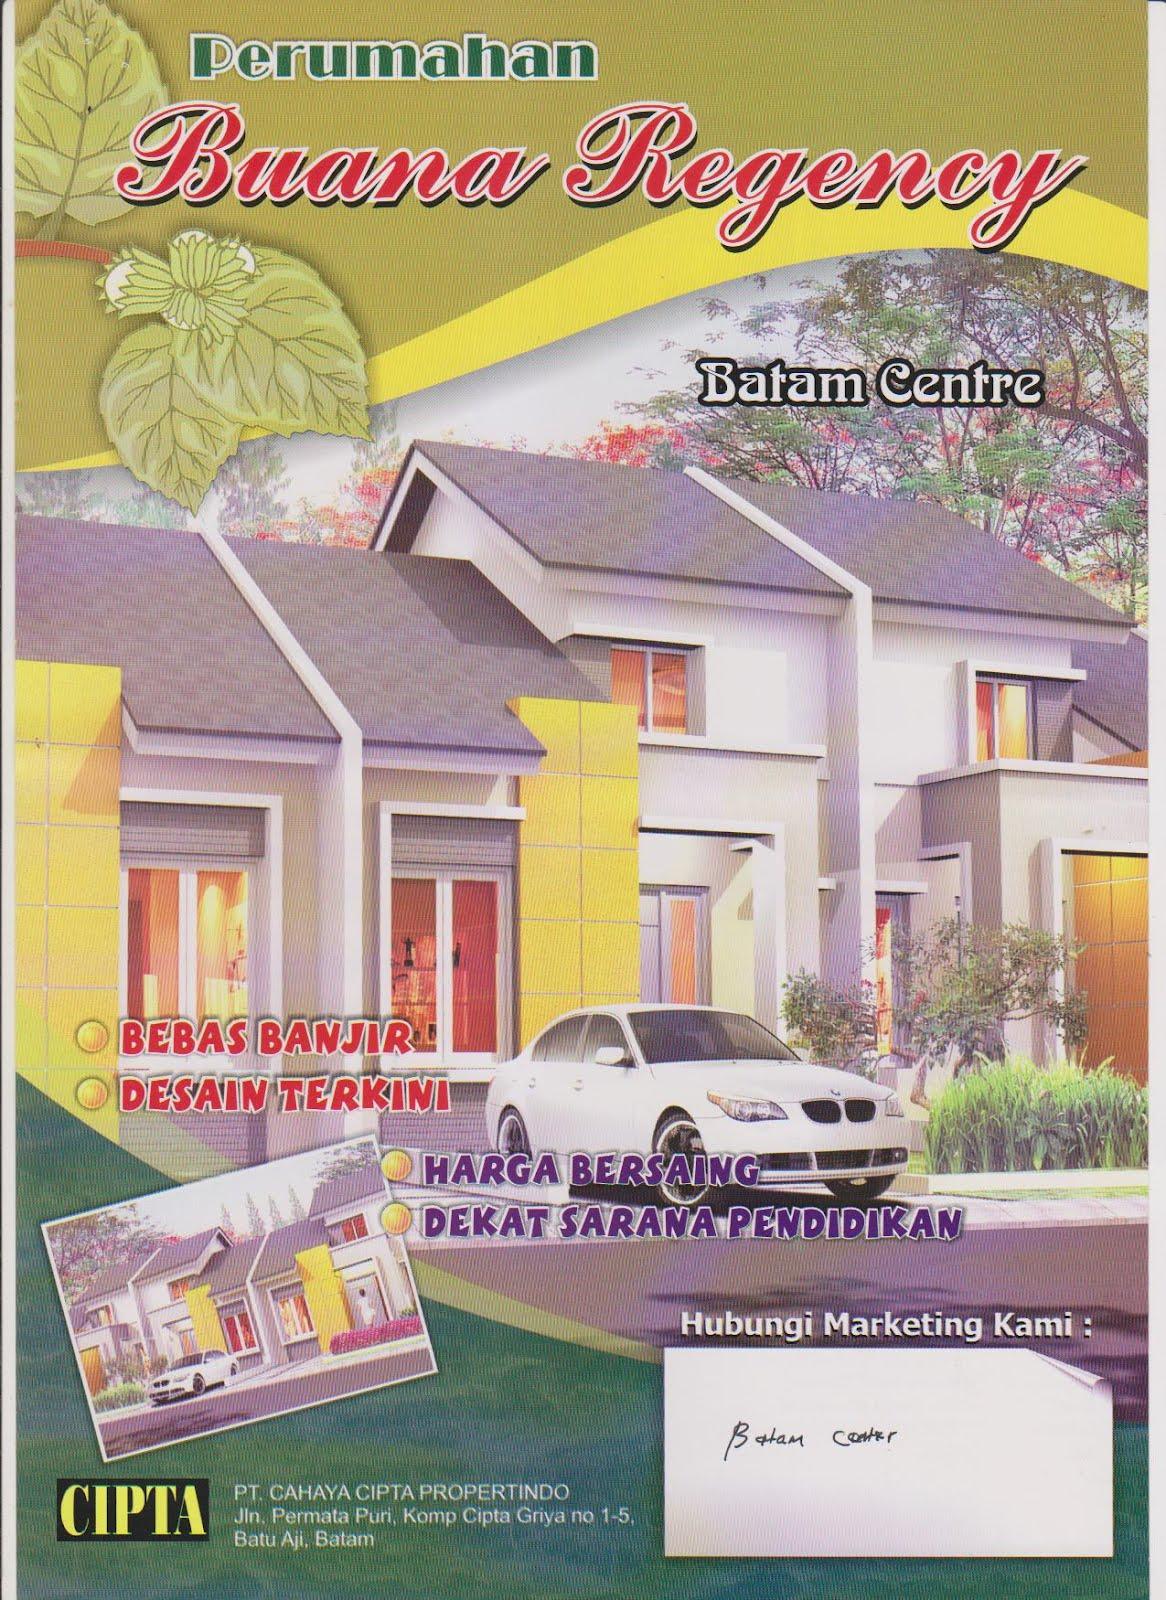 pusat jual beli titipan properti di pulau batam hp